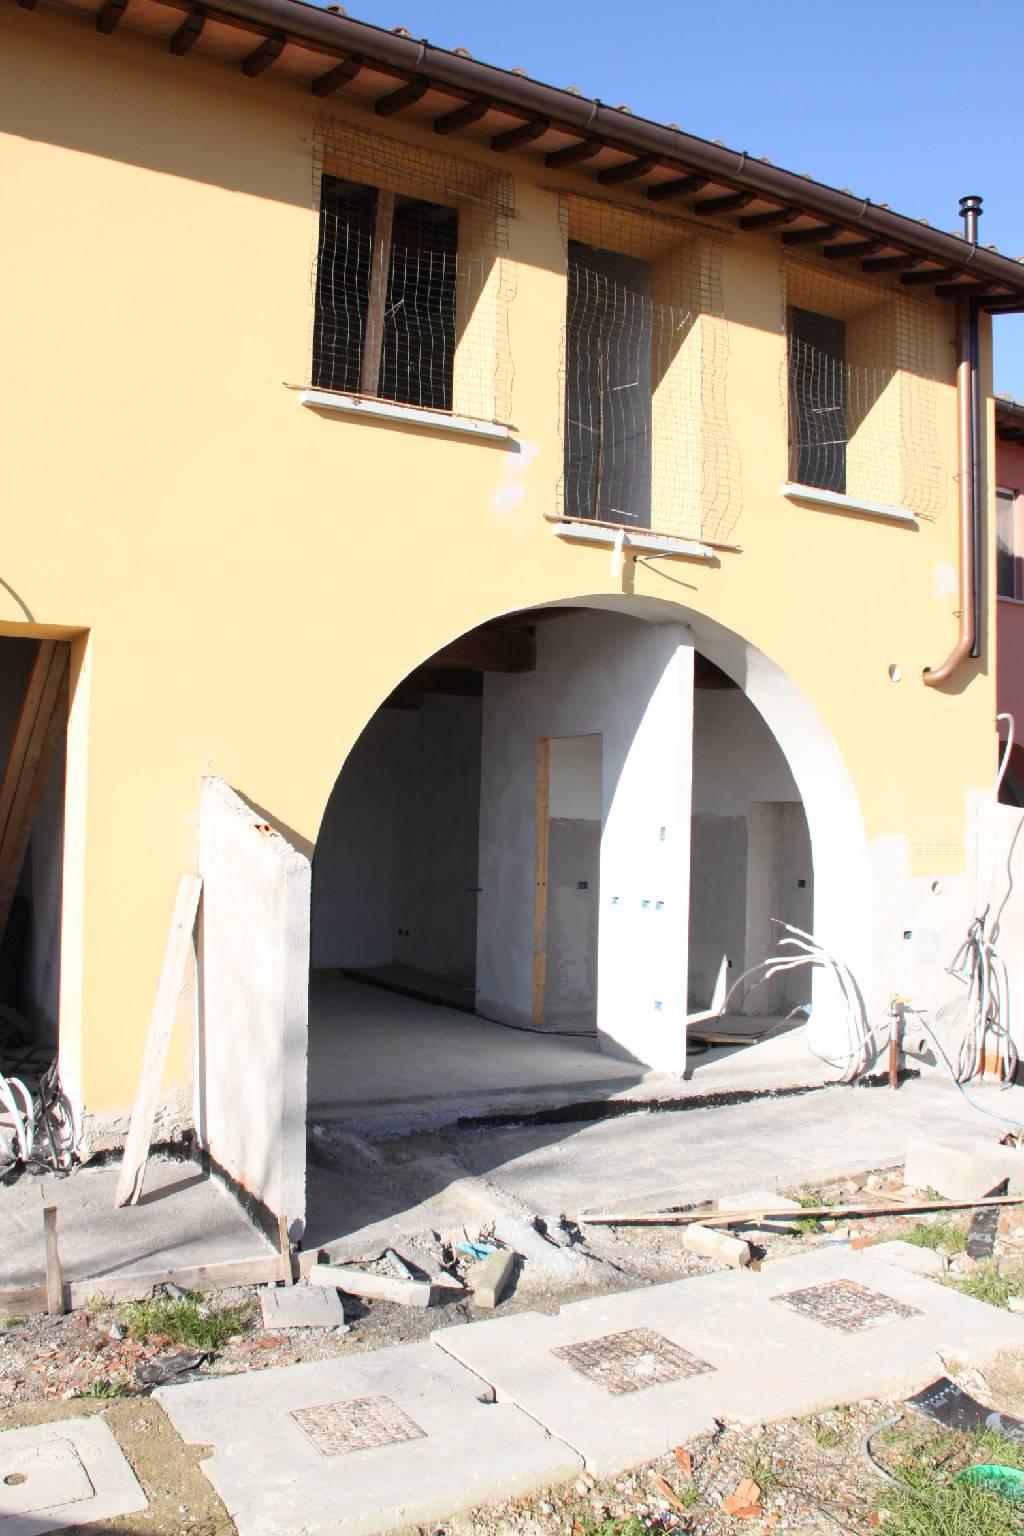 Rustico / Casale in vendita a Prato, 4 locali, zona Località: GALCIANA, prezzo € 290.000 | Cambio Casa.it